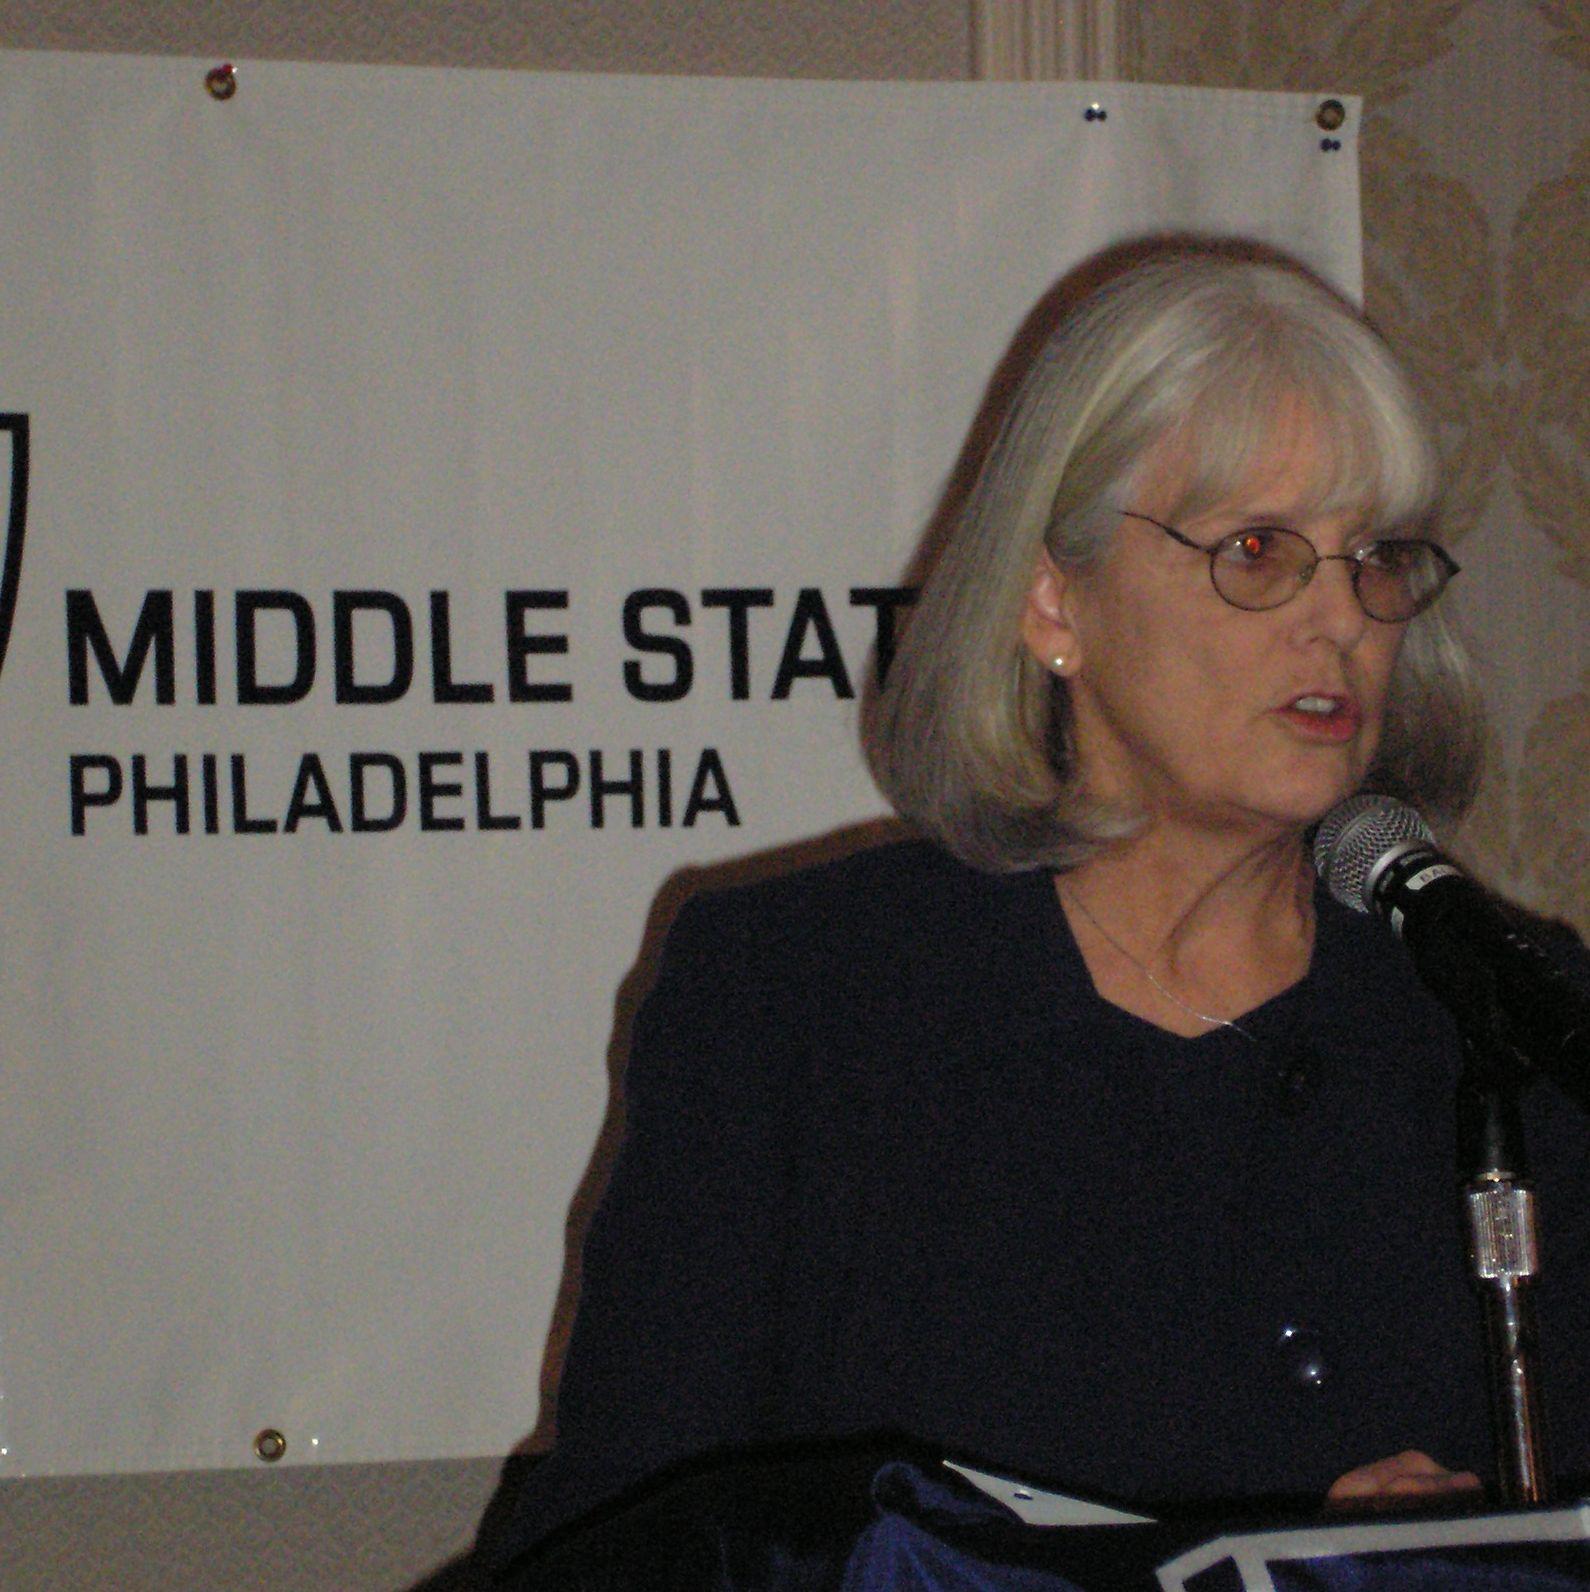 Marie Seward